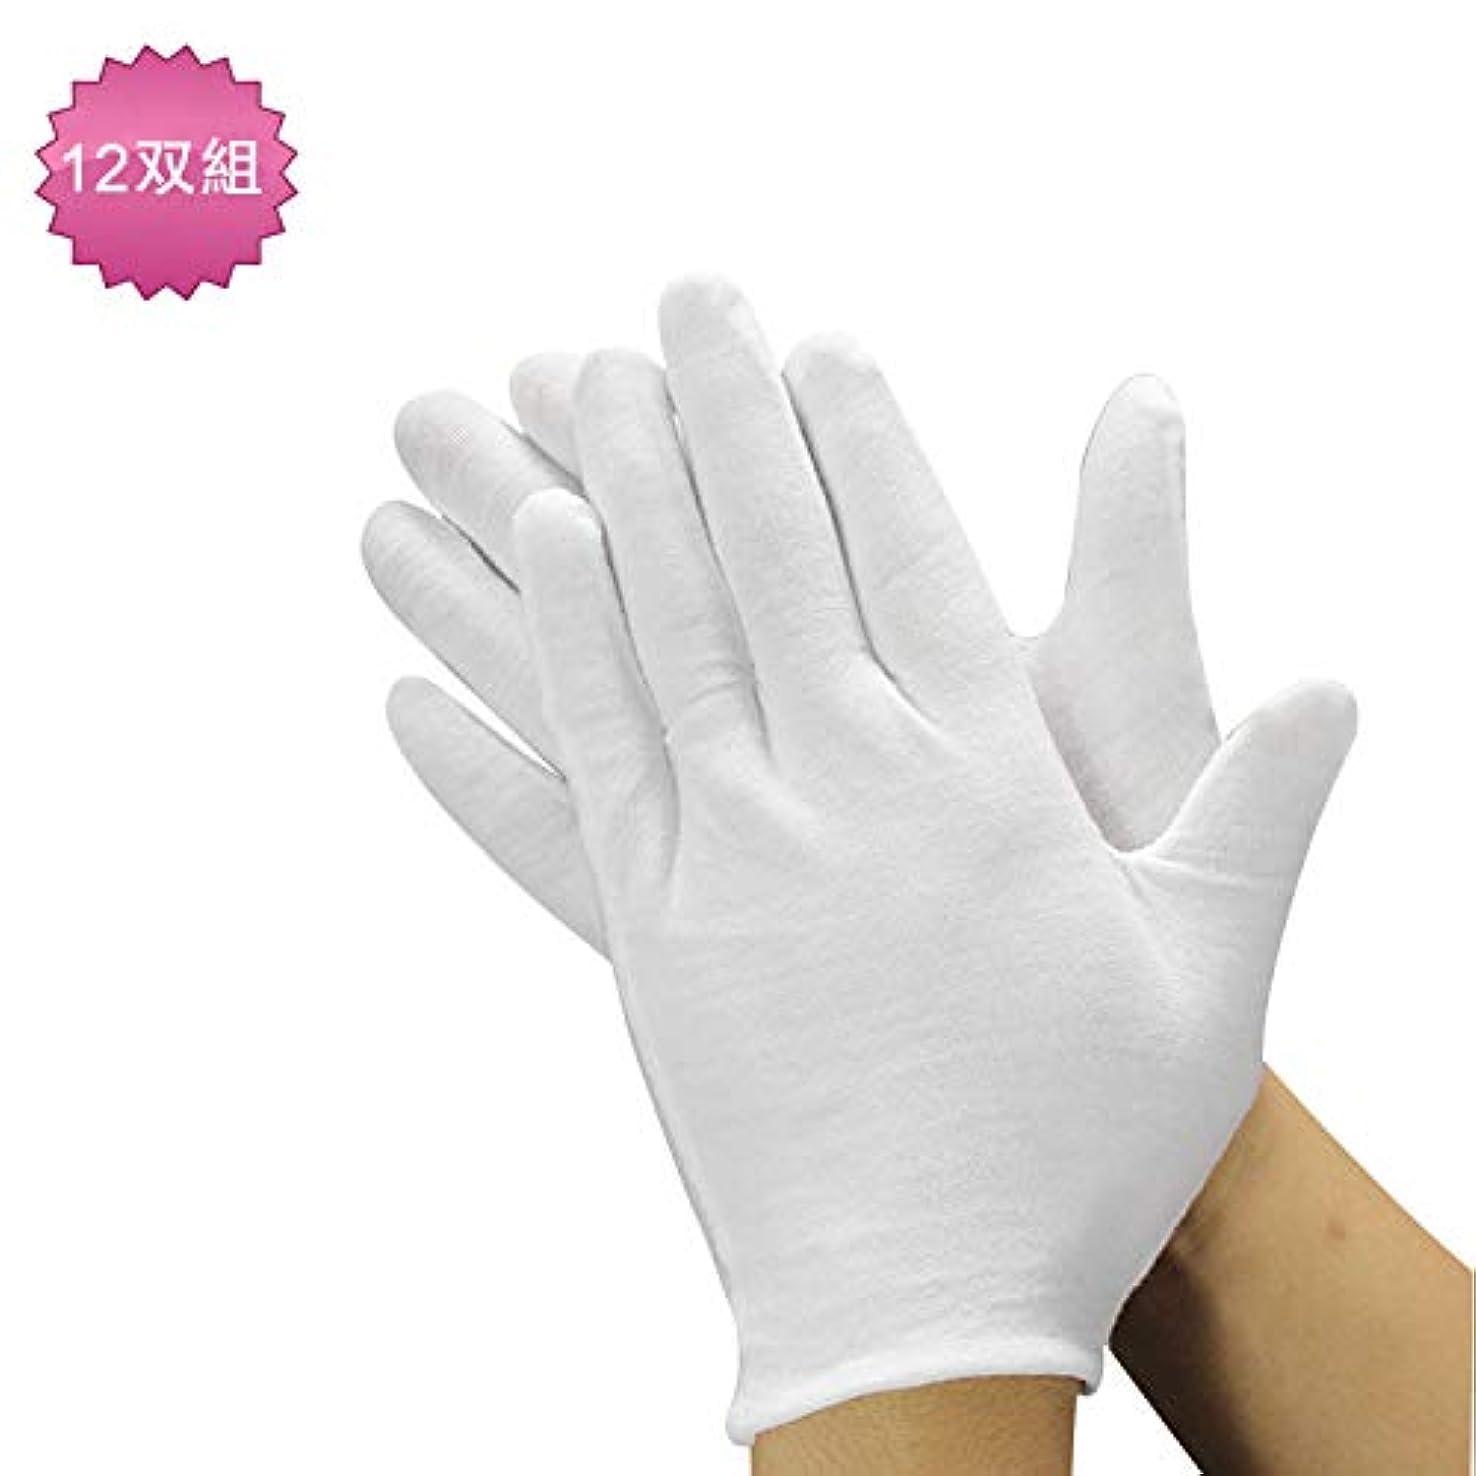 厚さトレード受け入れる綿手袋 コットン手袋 インナーコットン手袋 手袋 保湿 手荒れ防止 おやすみ 湿疹用 乾燥肌用 保湿用 礼装用 調理用 運転用 ガーデニング用 作業用 綿コットン 12双組入り (L)